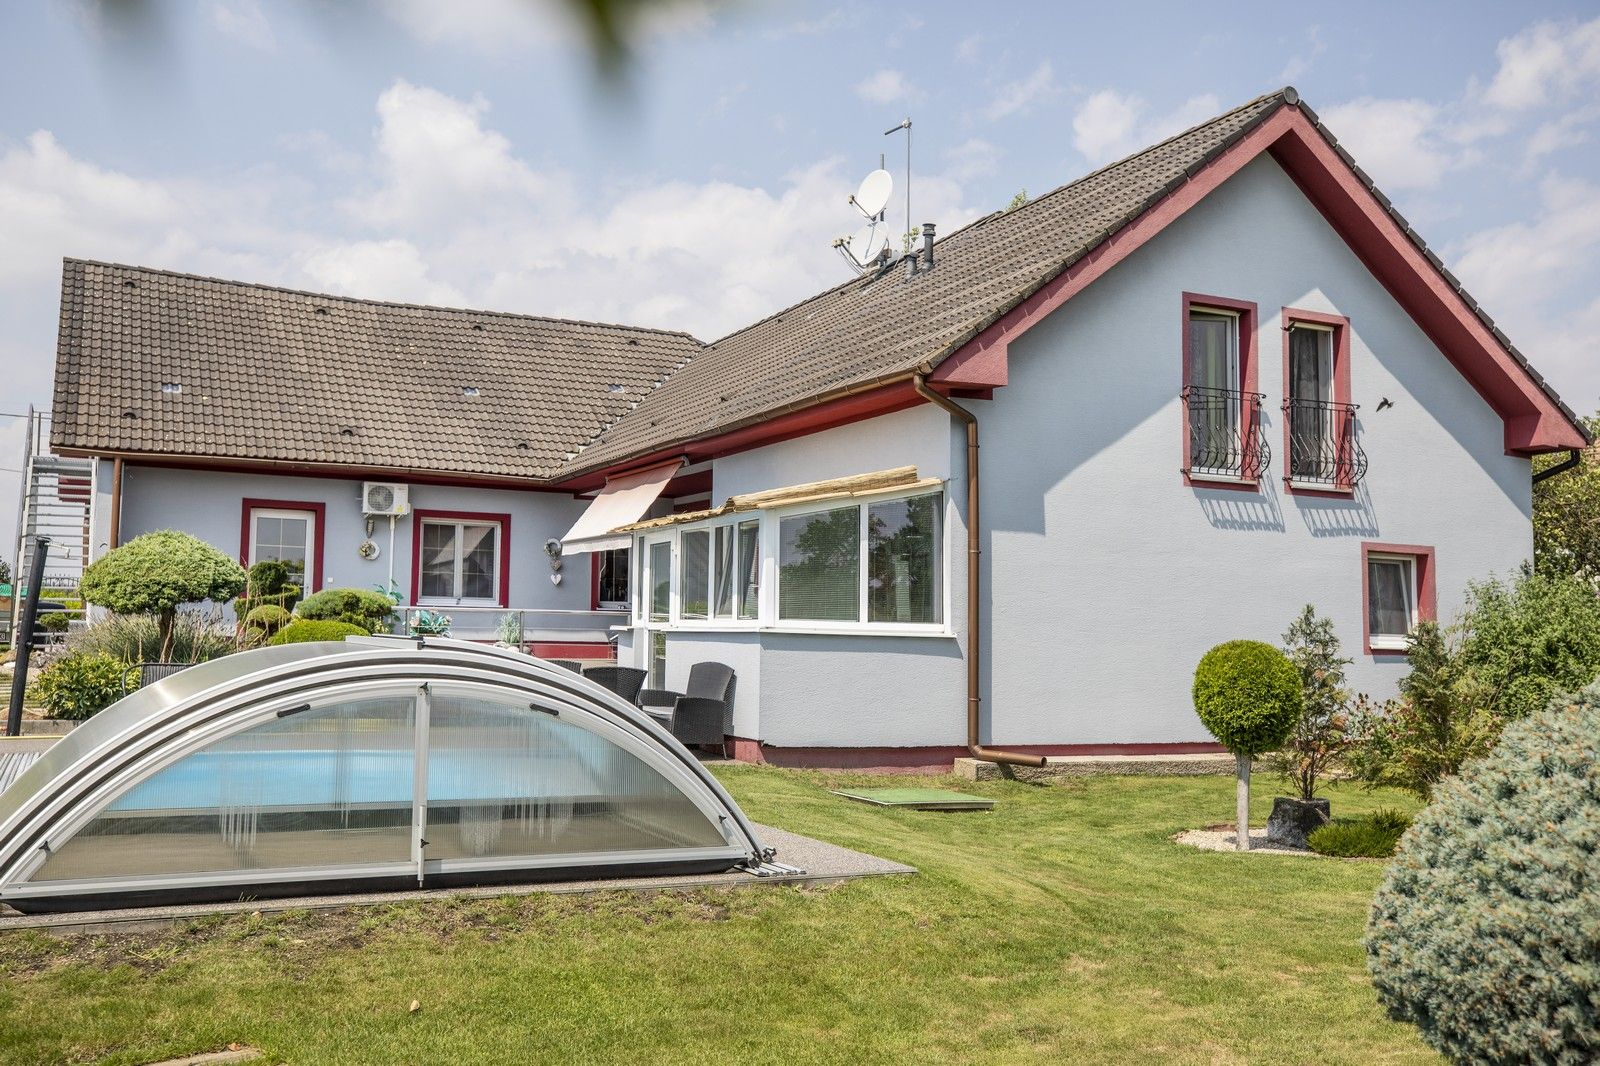 NA PREDAJ: Štýlový dvojgeneračný rodinný dom s bazénom v Tomášove